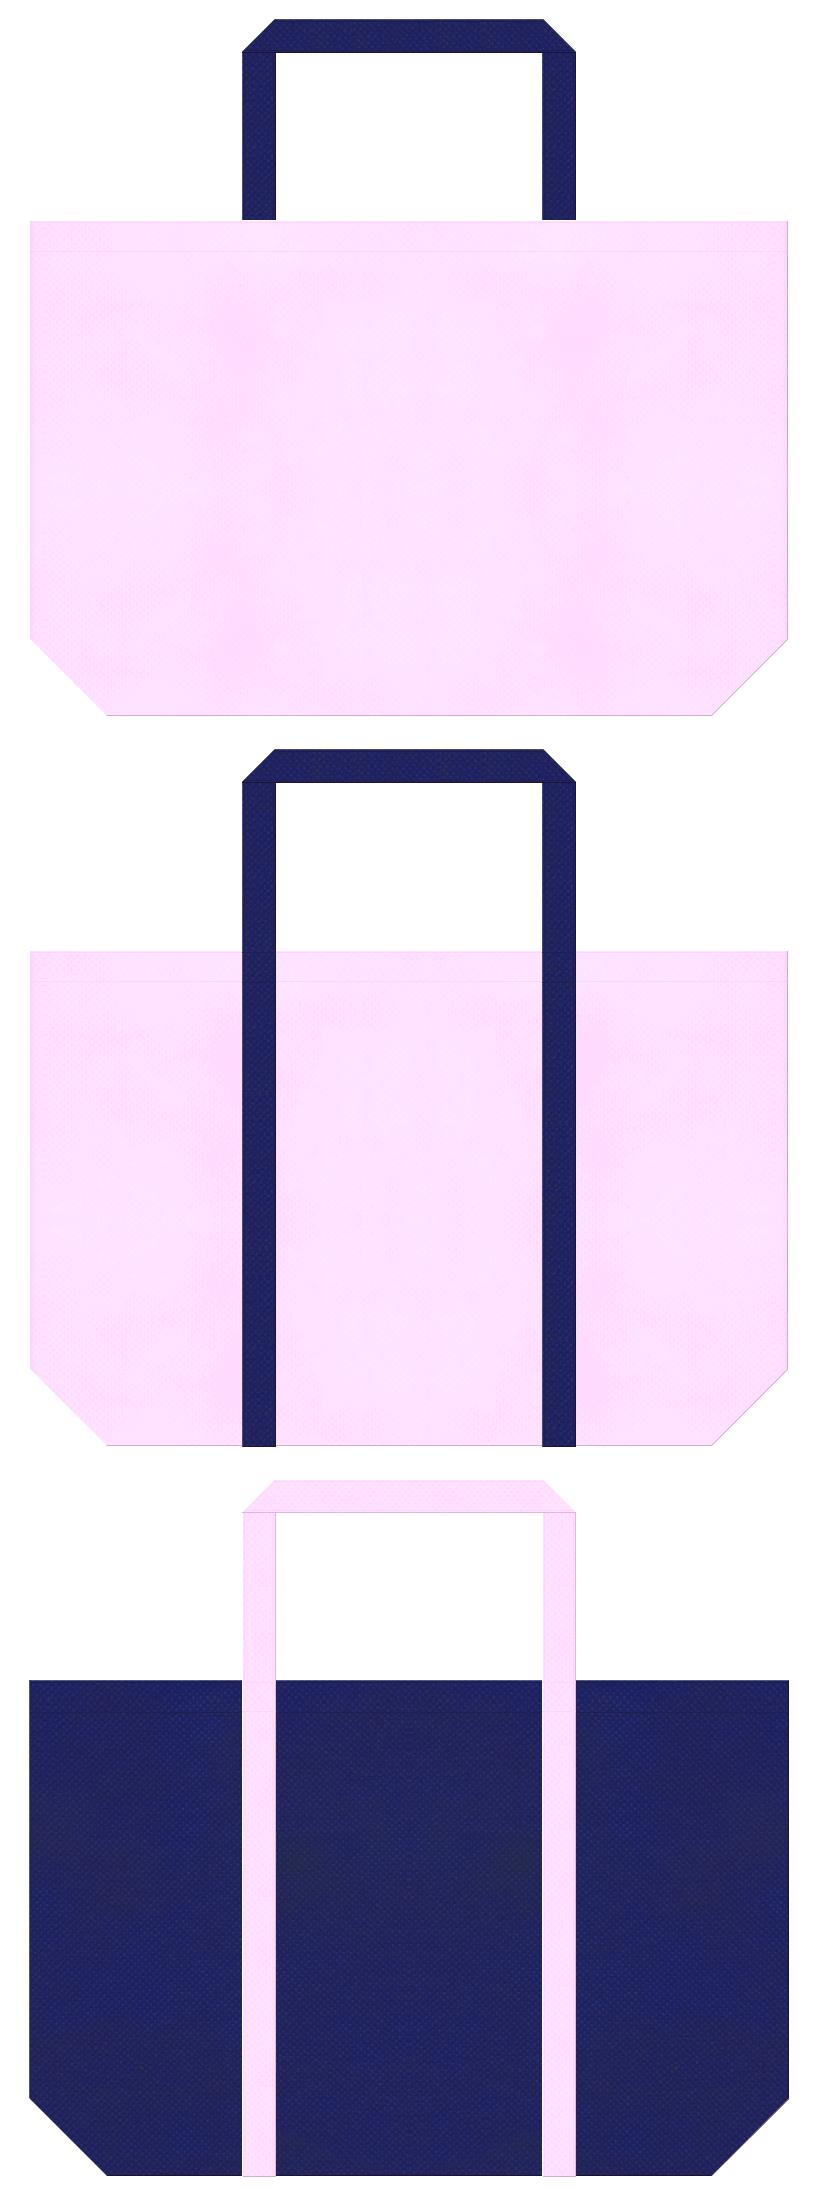 夏浴衣・学校・学園・オープンキャンパス・学習塾・レッスンバッグ・スポーツバッグにお奨めの不織布バッグのデザイン:明るいピンク色と明るい紺色のコーデ